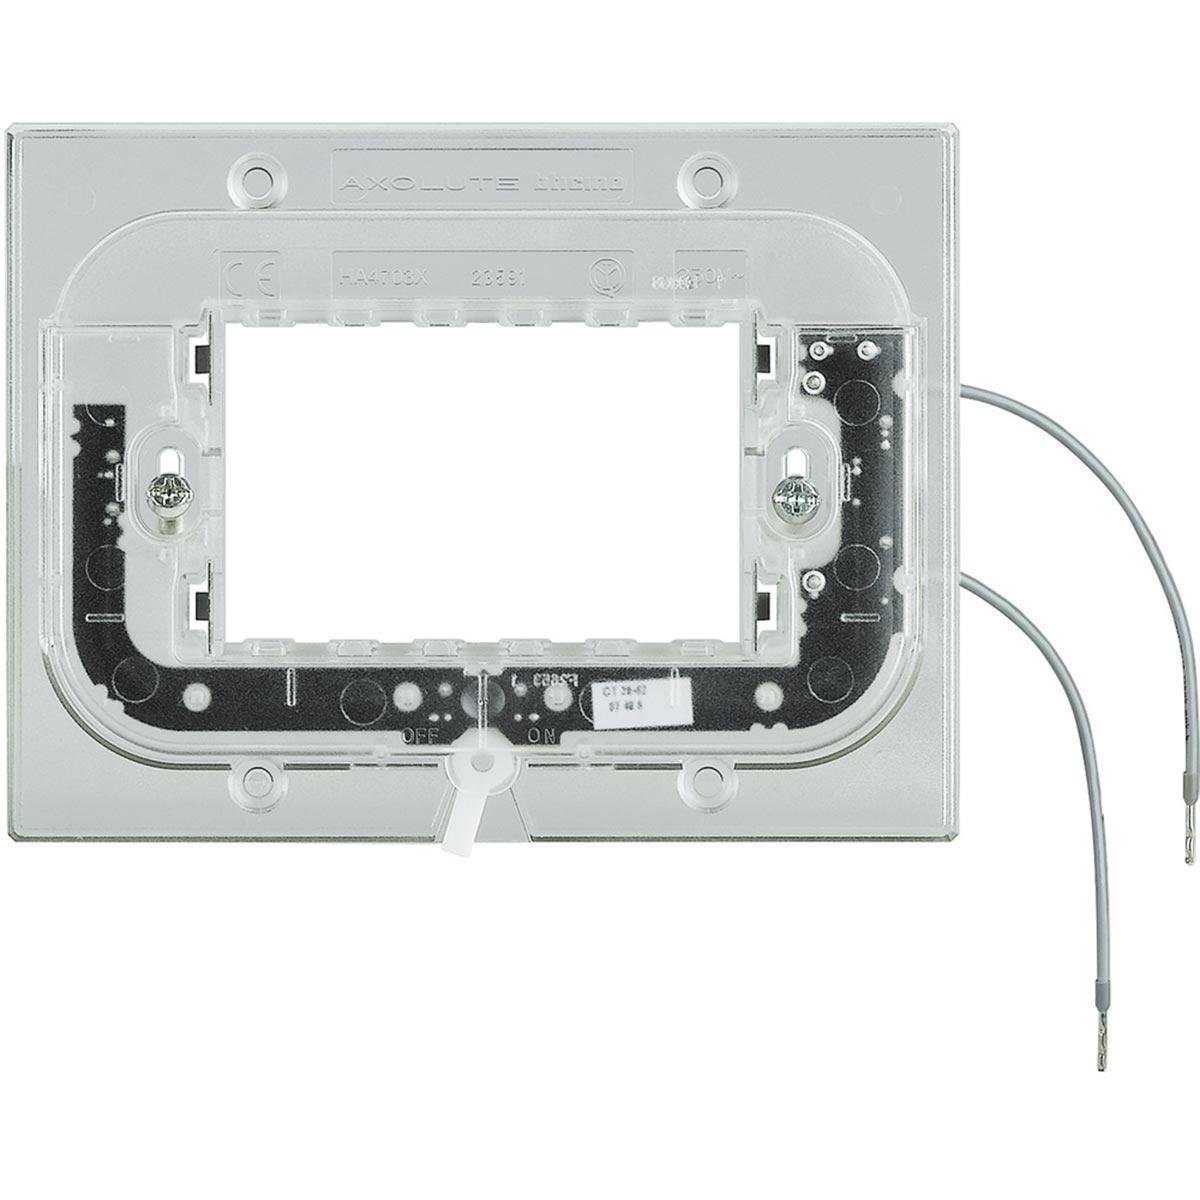 Bticino Axolute Supporto Luminoso 3 Moduli HA4703x